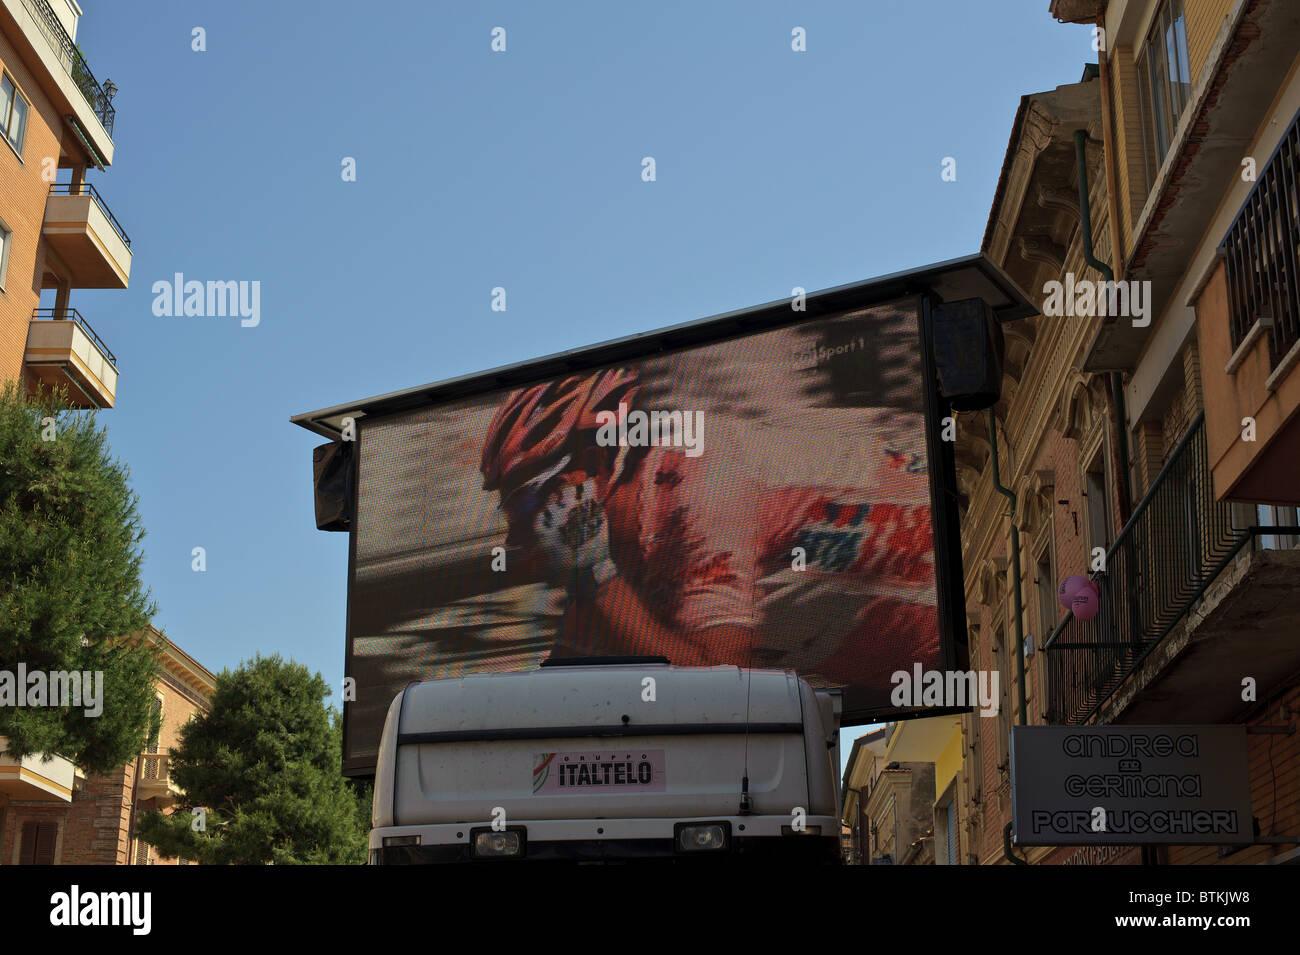 Giro d'italia italia Porto Recanati con pantalla gigante de la raza Imagen De Stock